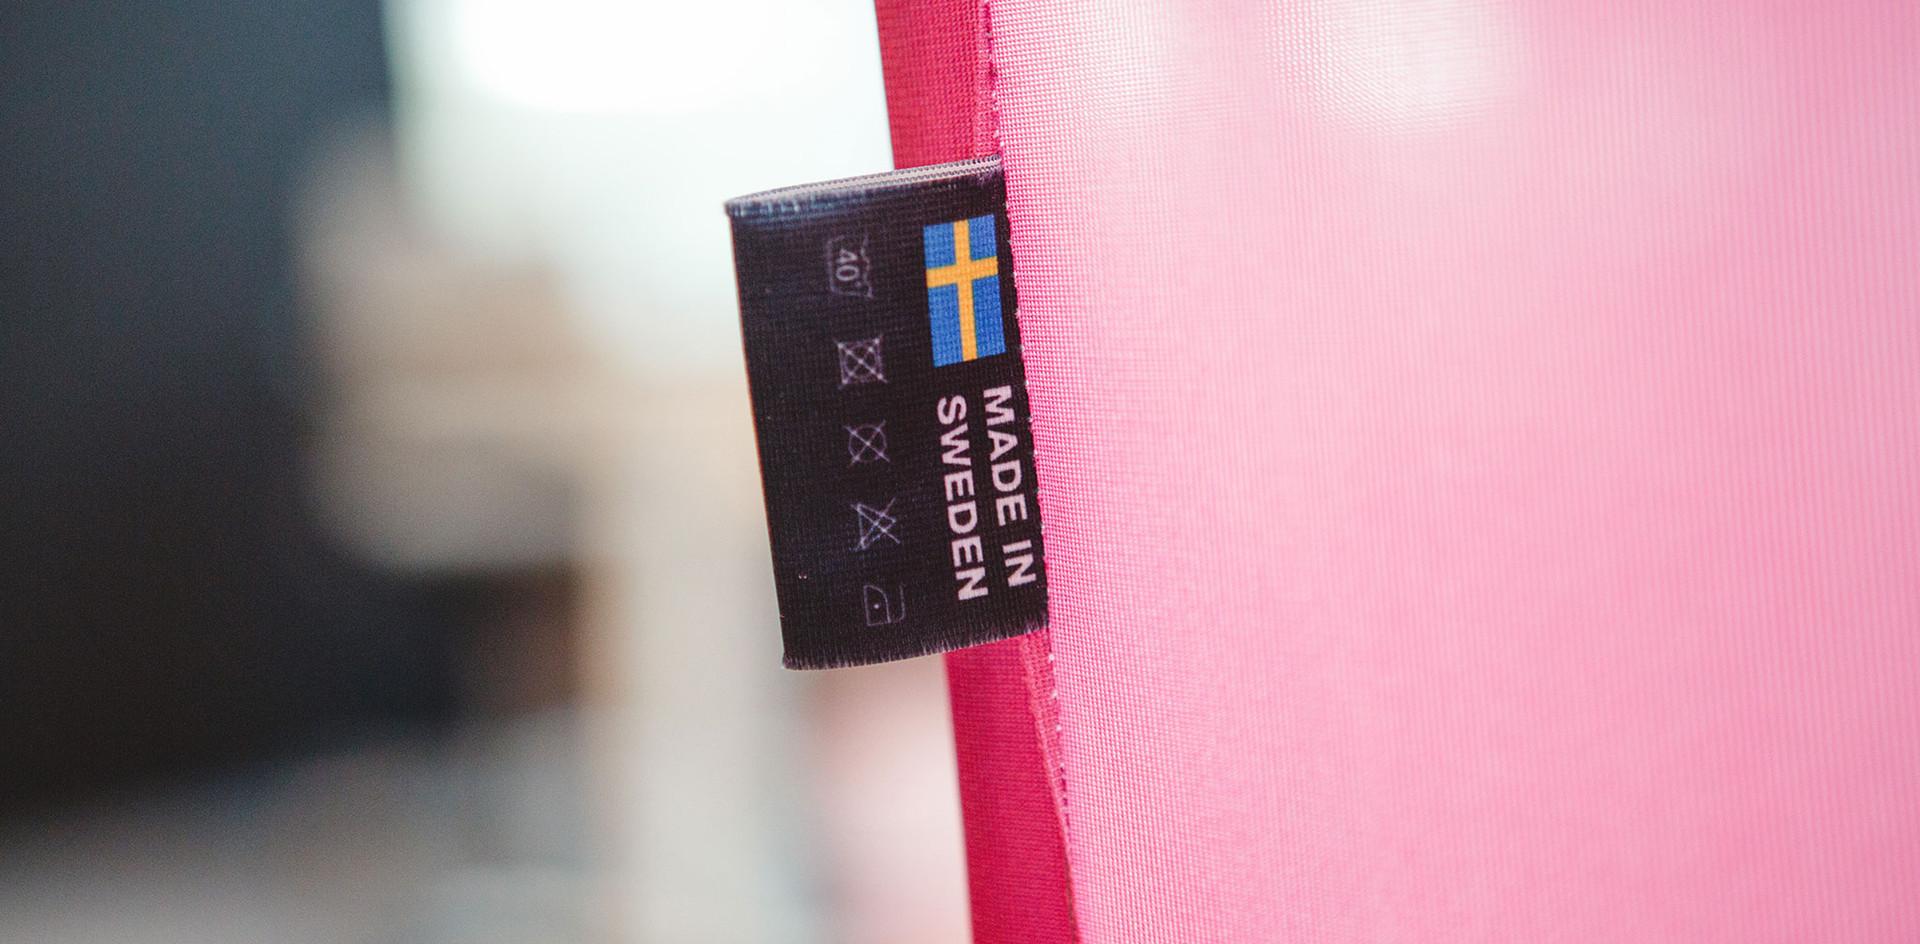 Standdisplays Made in Sweden